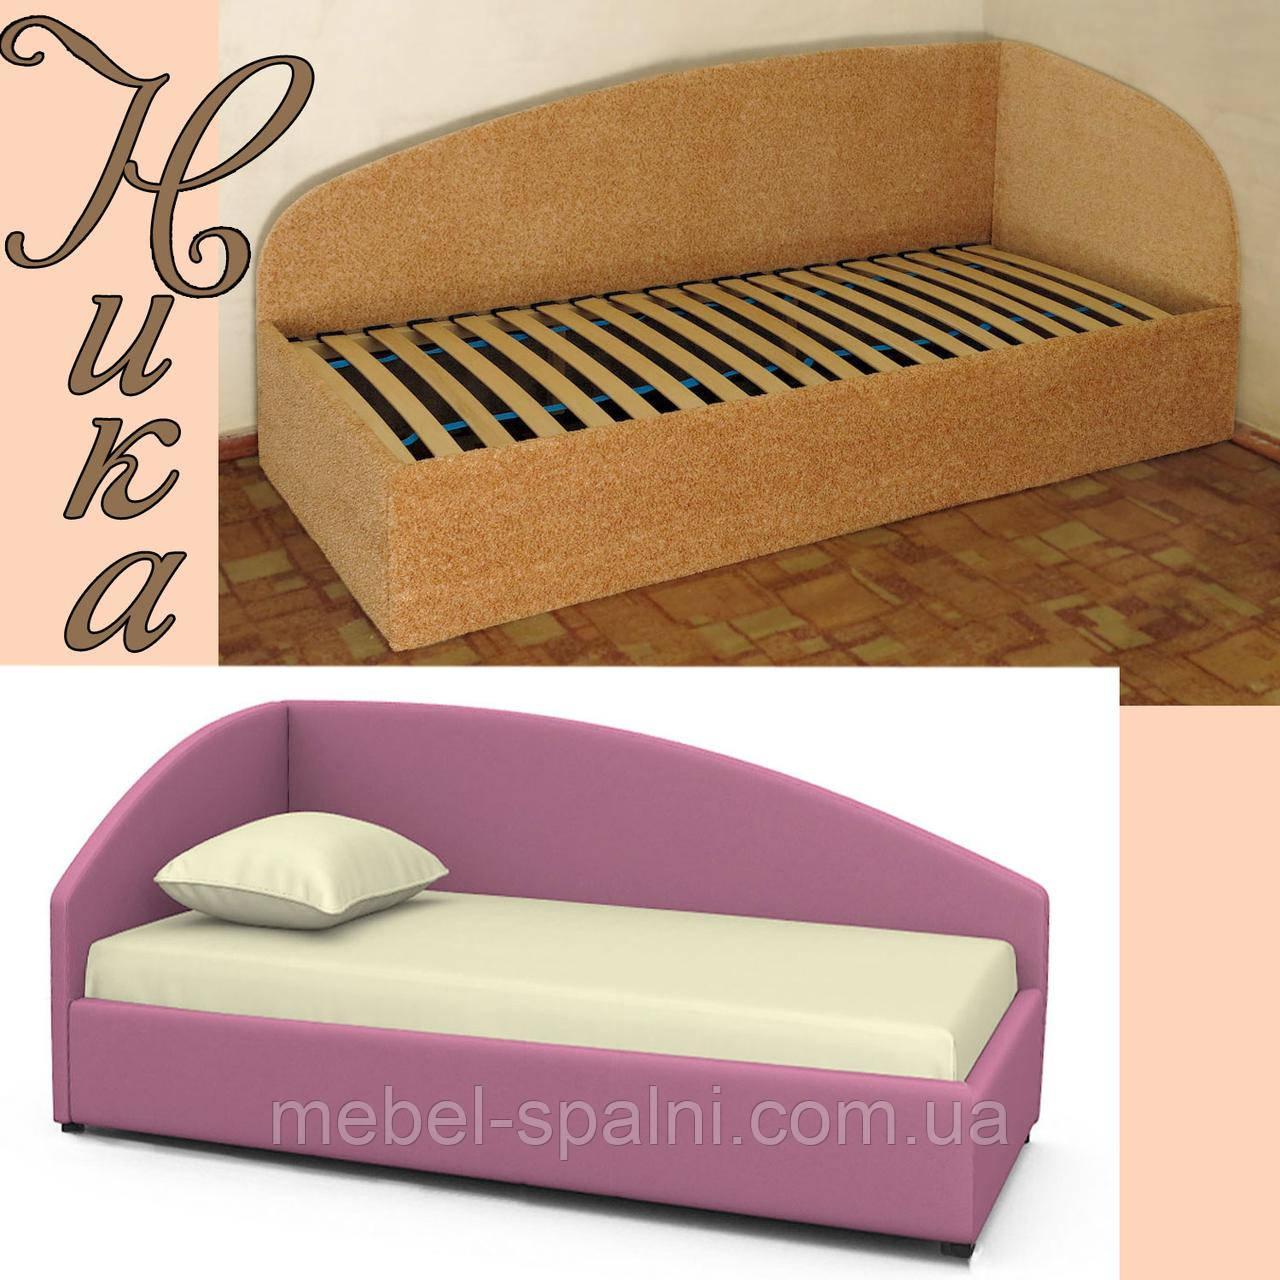 Кровать полуторная «Ника», фото 1